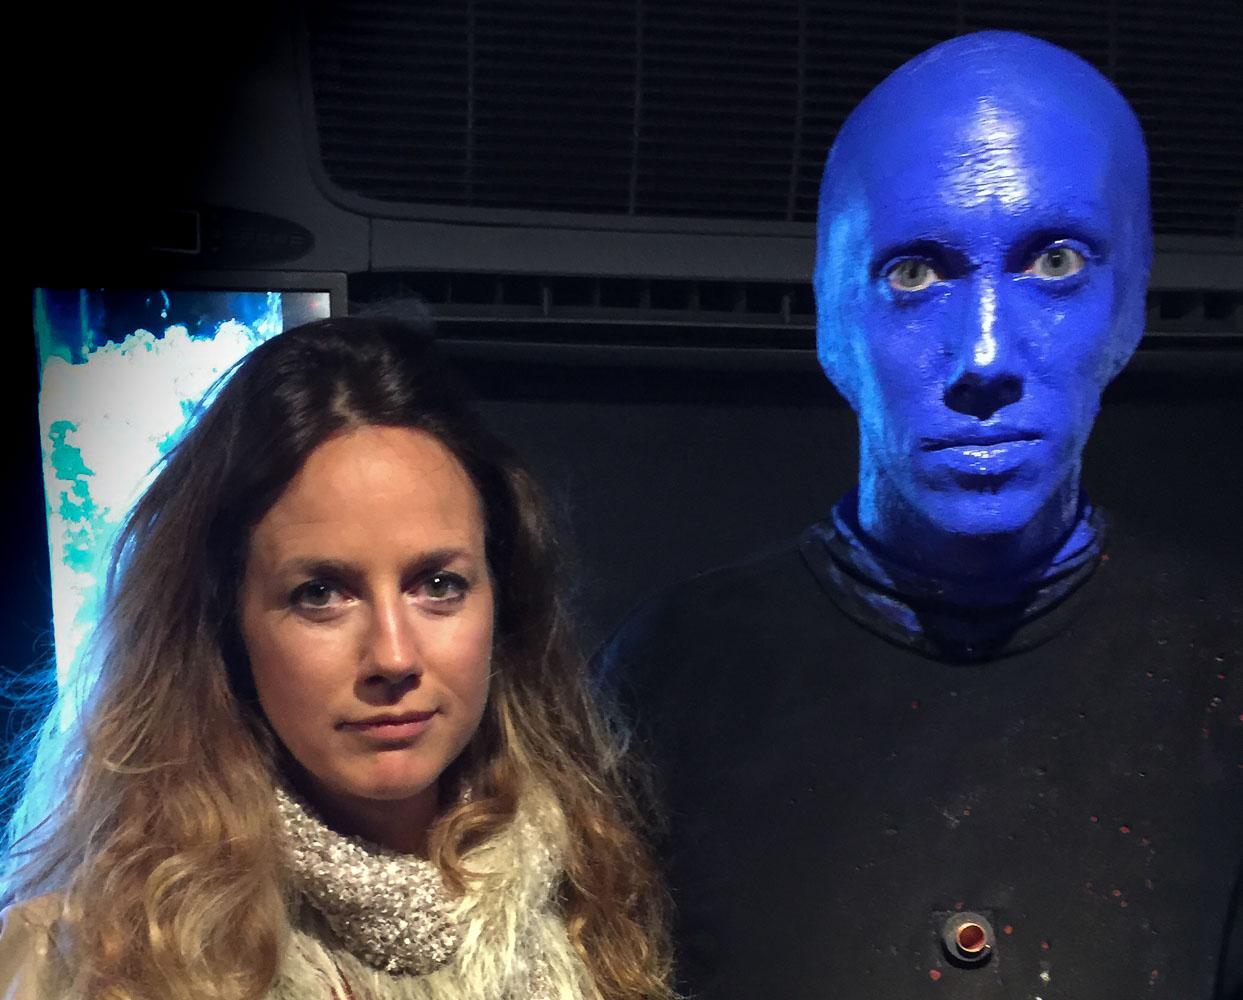 Efter showen med Blue man group blev vi fotograferade med artisterna. Försökte se lika allvarlig ut som han, det gick sådär!